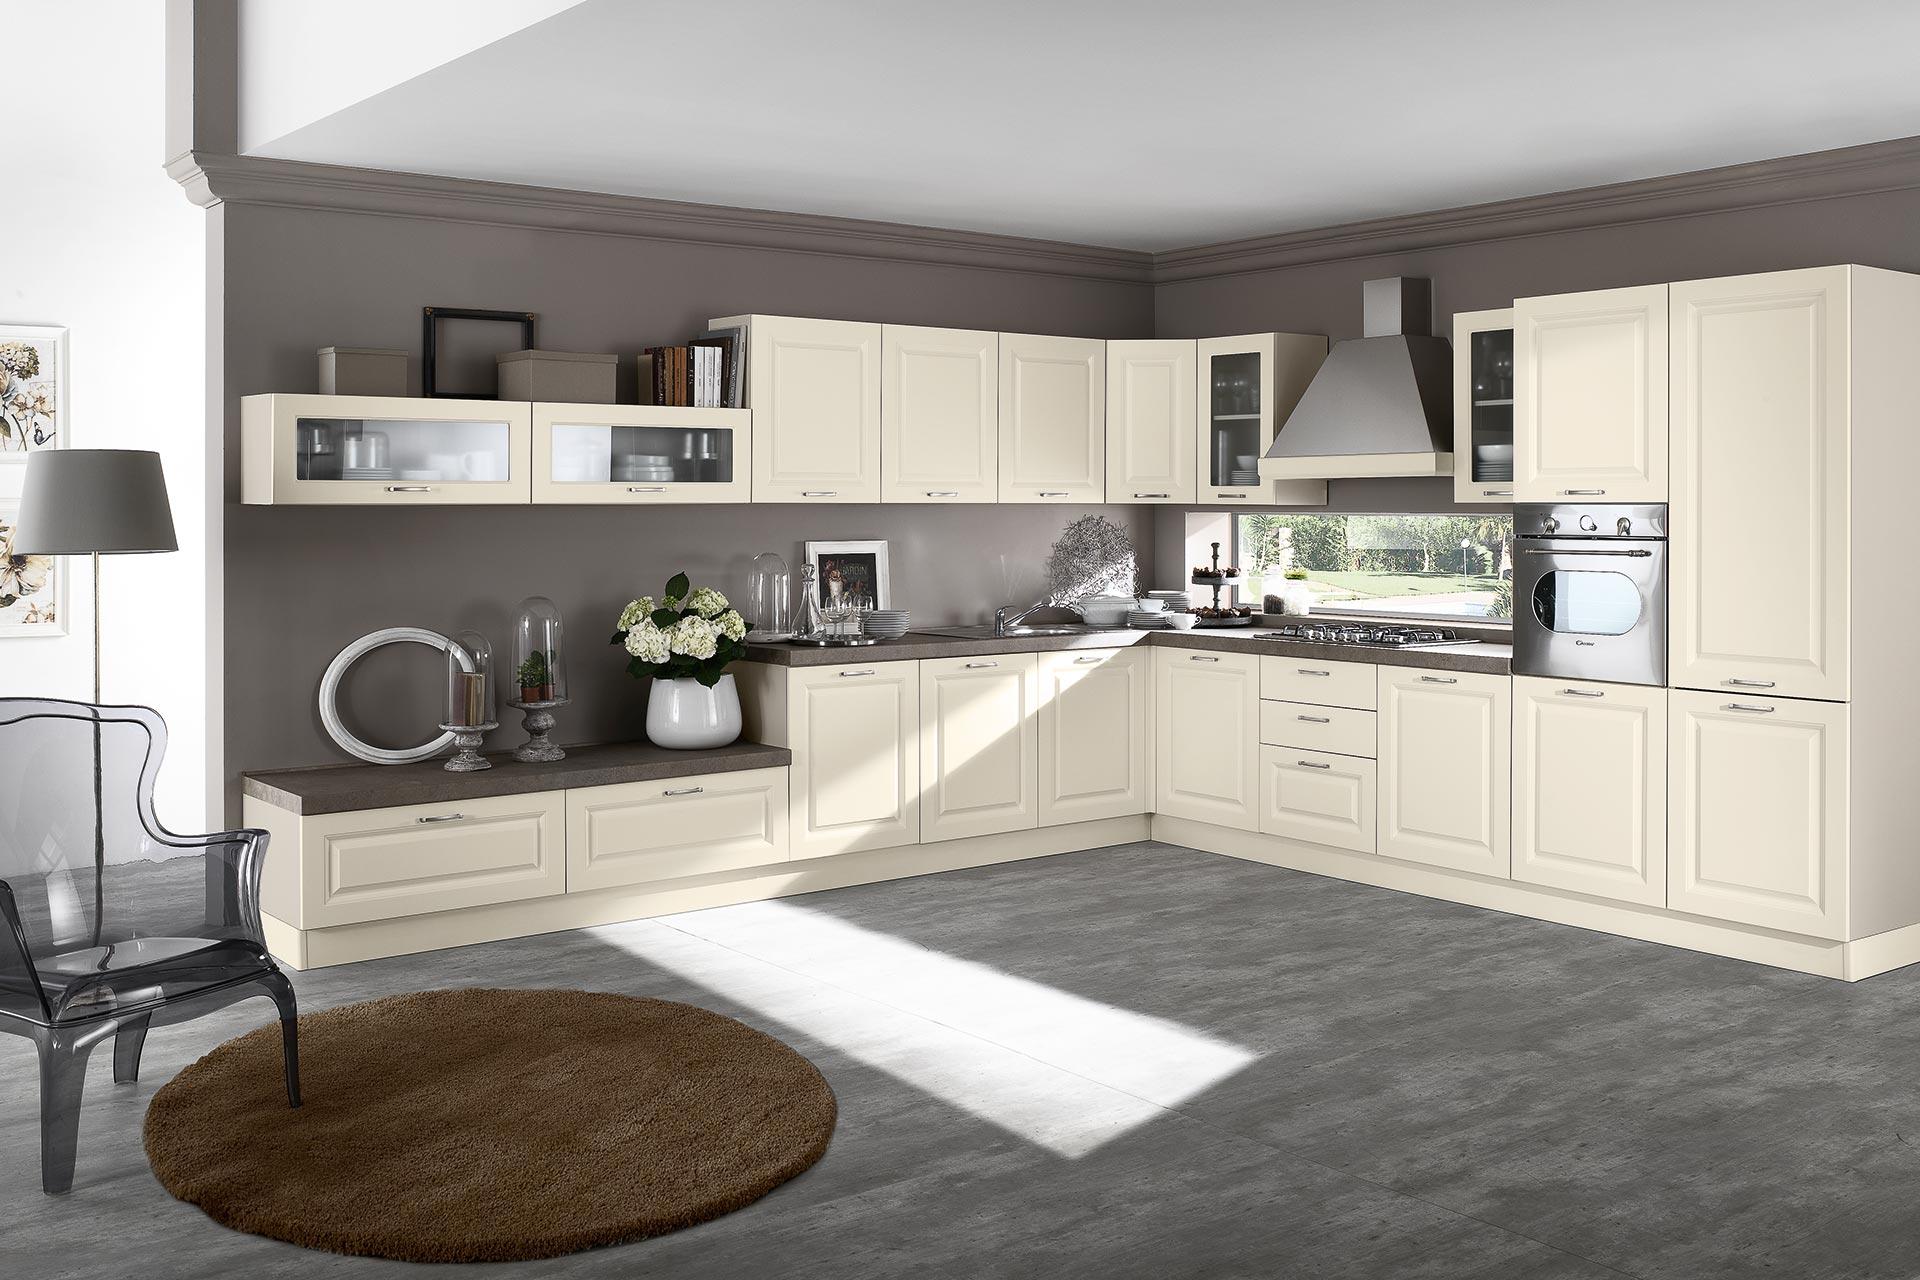 Cucina classica Anita le essenze classiche del legno